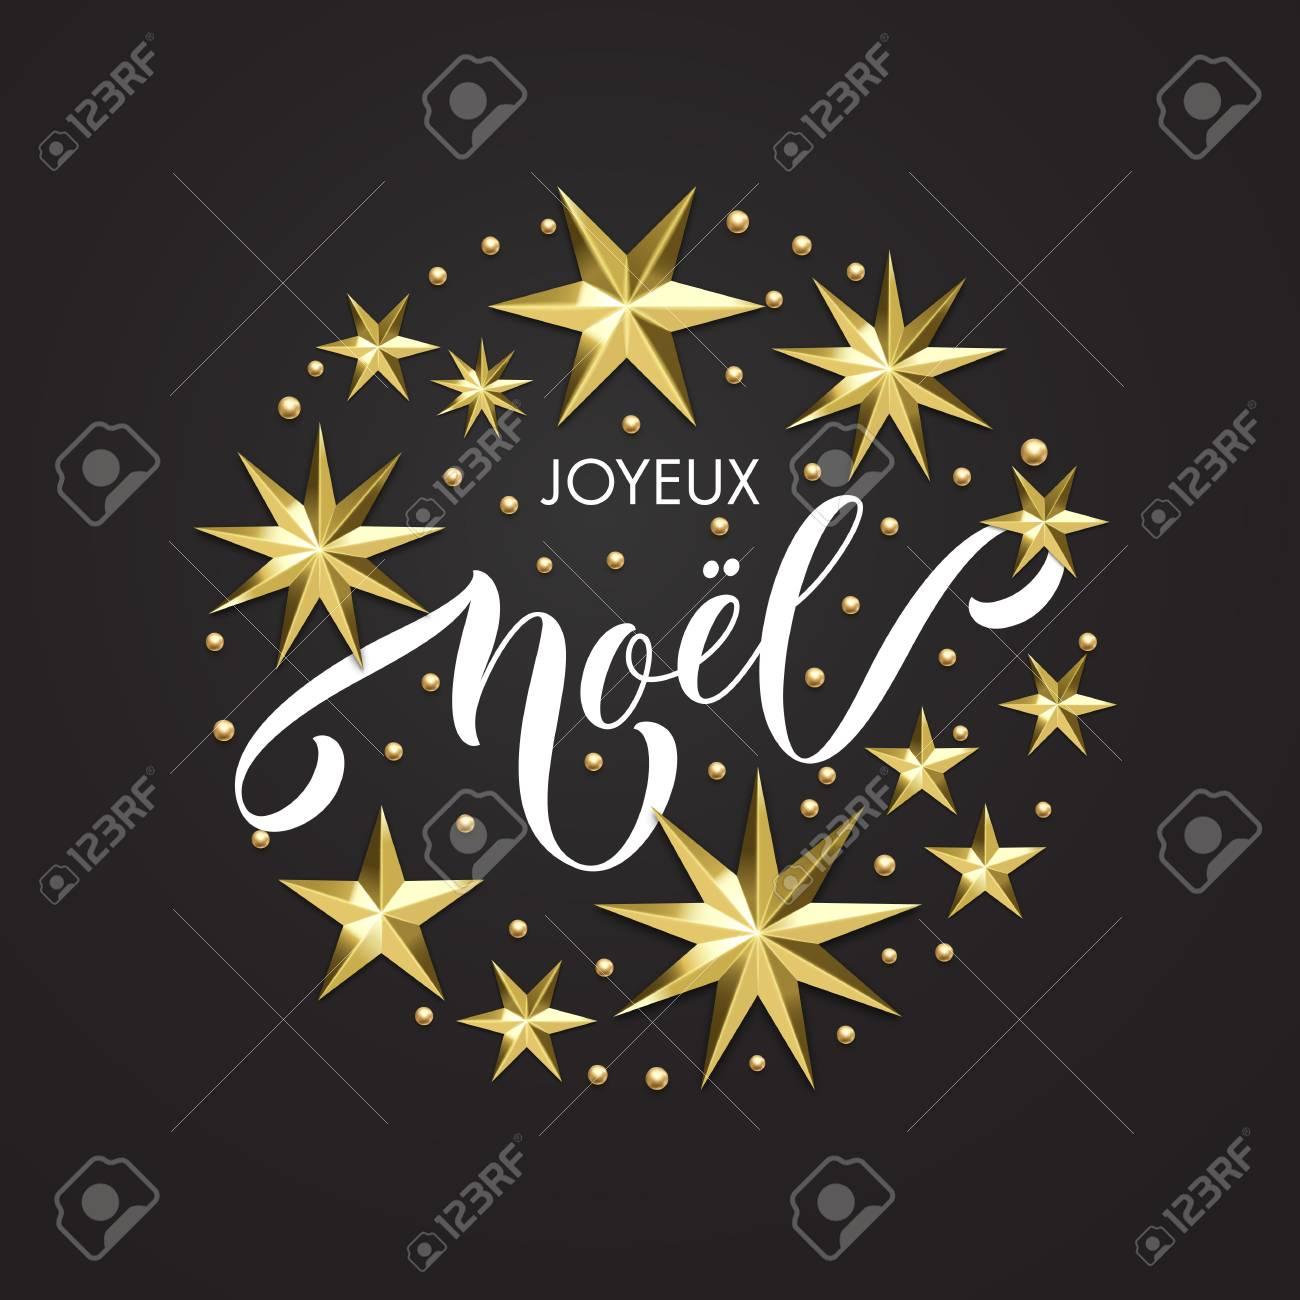 Ich Wünsche Dir Frohe Weihnachten Französisch.Frohe Weihnachten Französisch